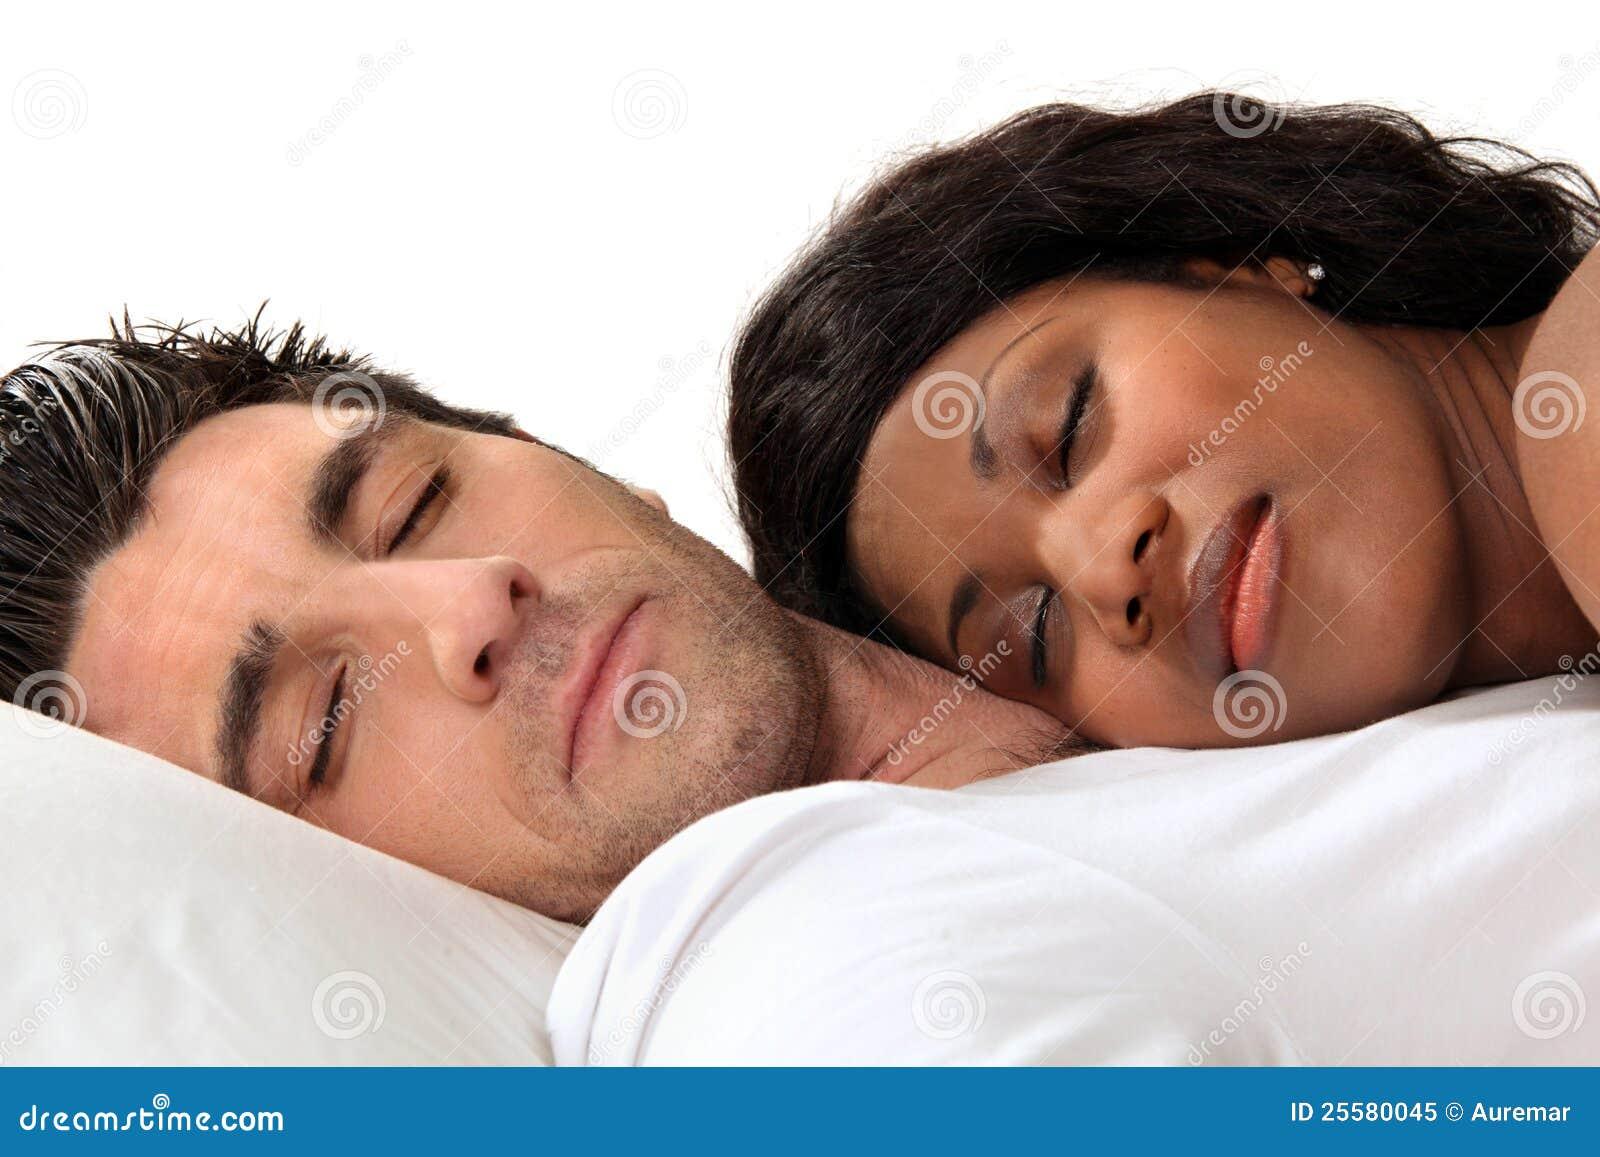 Фото спящий жены 20 фотография